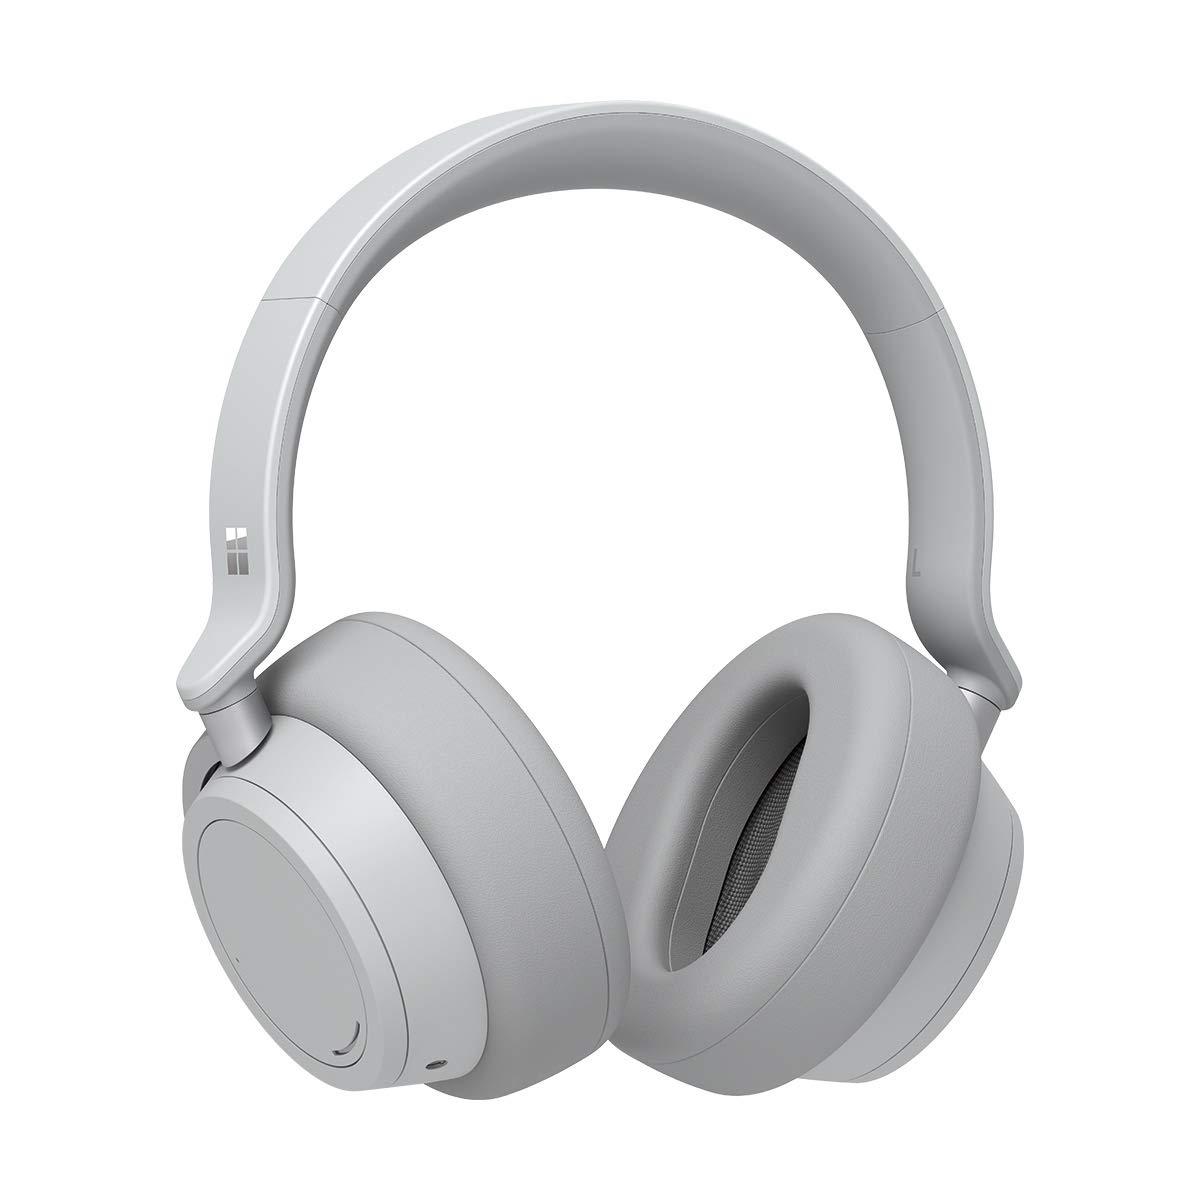 中亚Prime会员、新品首降: Microsoft 微软 Surface 头戴式无线蓝牙降噪耳机